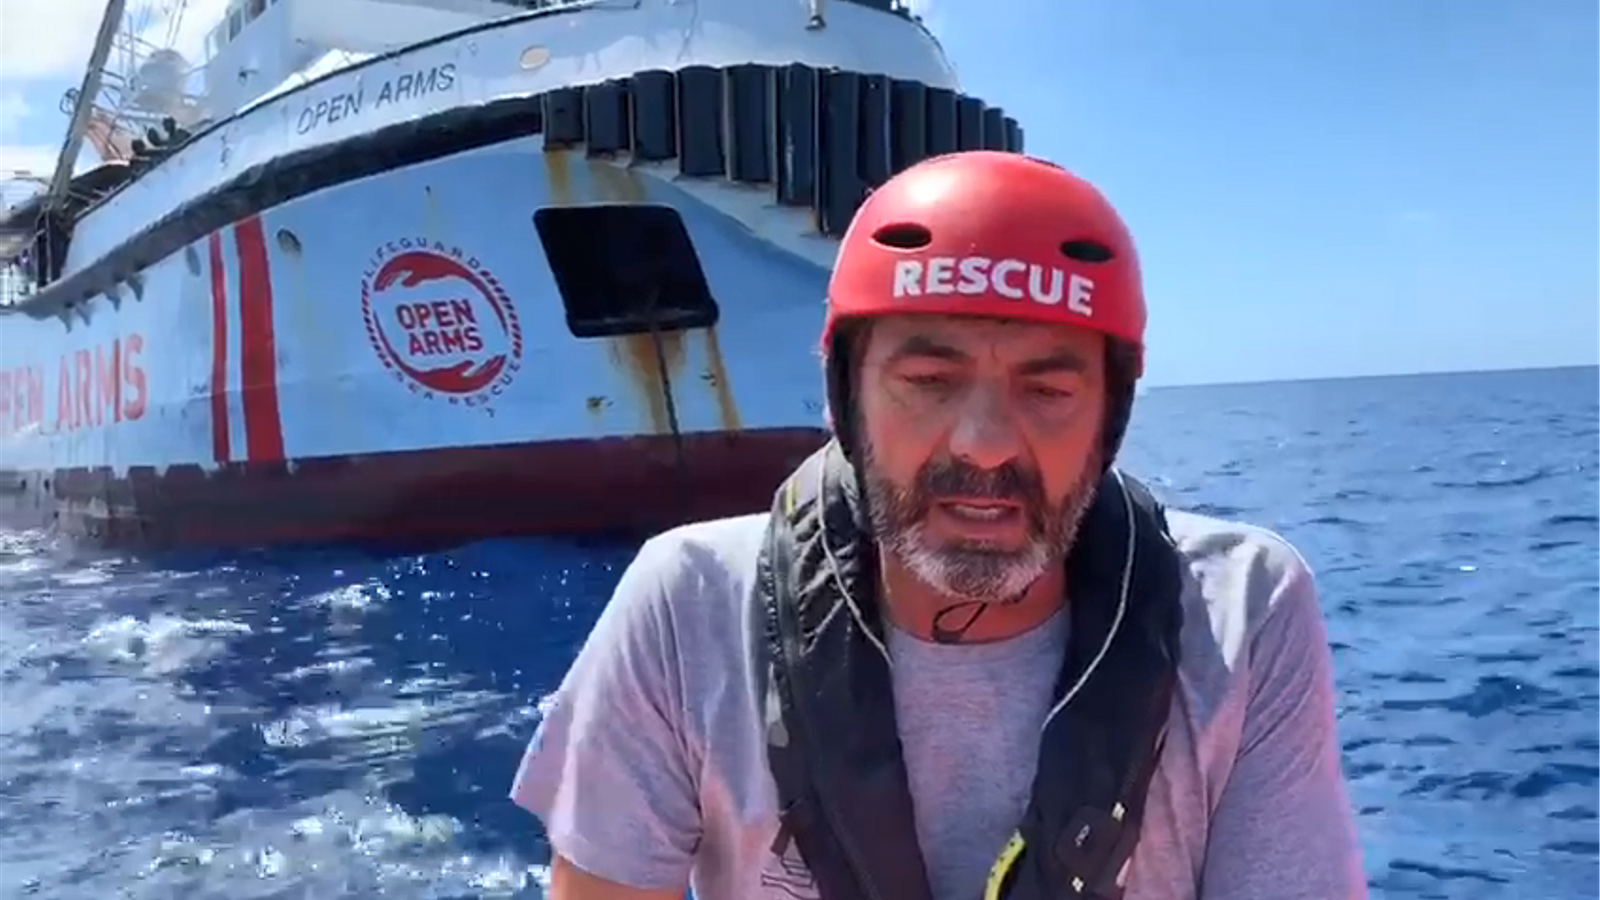 El fundador de l'ONG catalana proactiva Open Arms, Oscar Camps, denuncia la gravetat de la situació a bord del vaixell